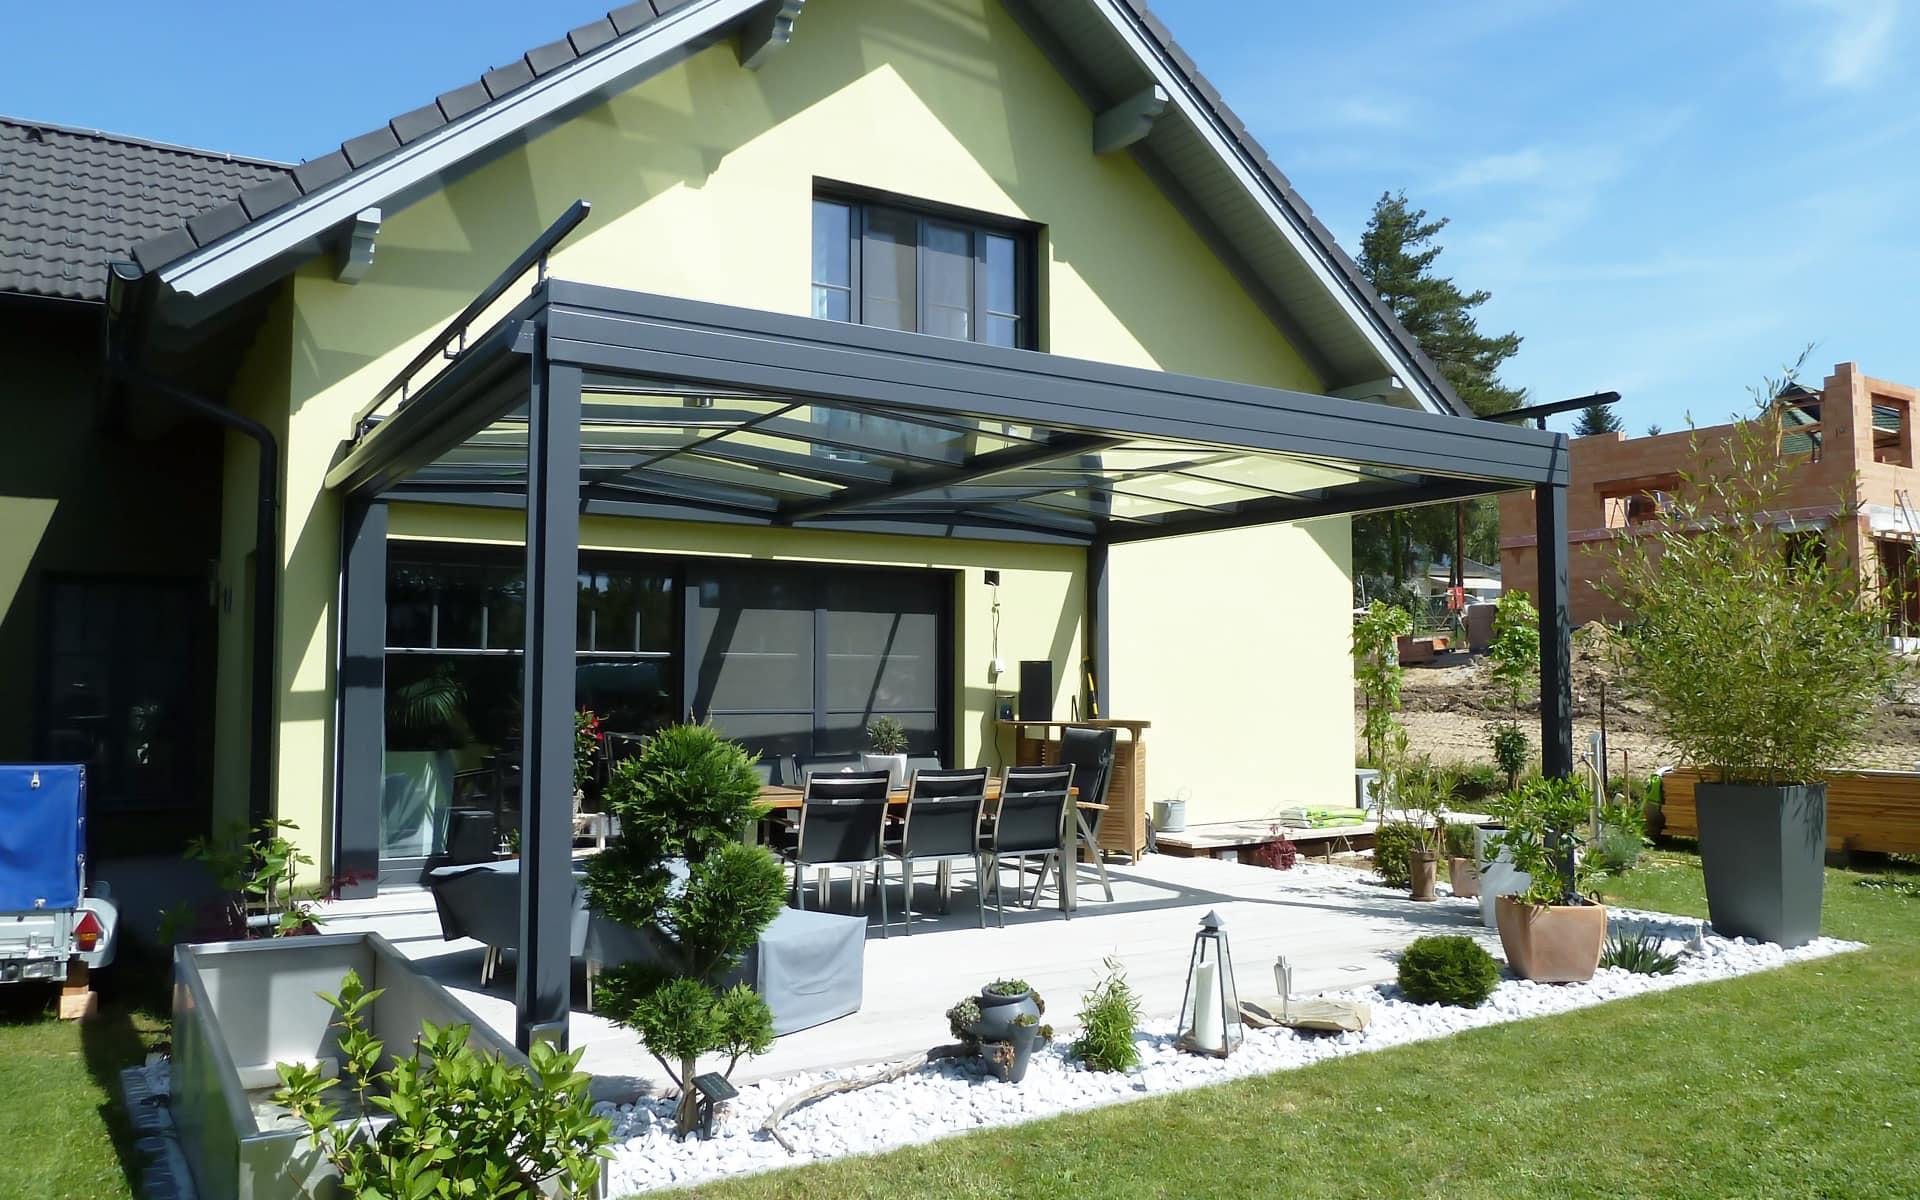 Moderne Terrassenüberdachung für das Wohnen im Freien